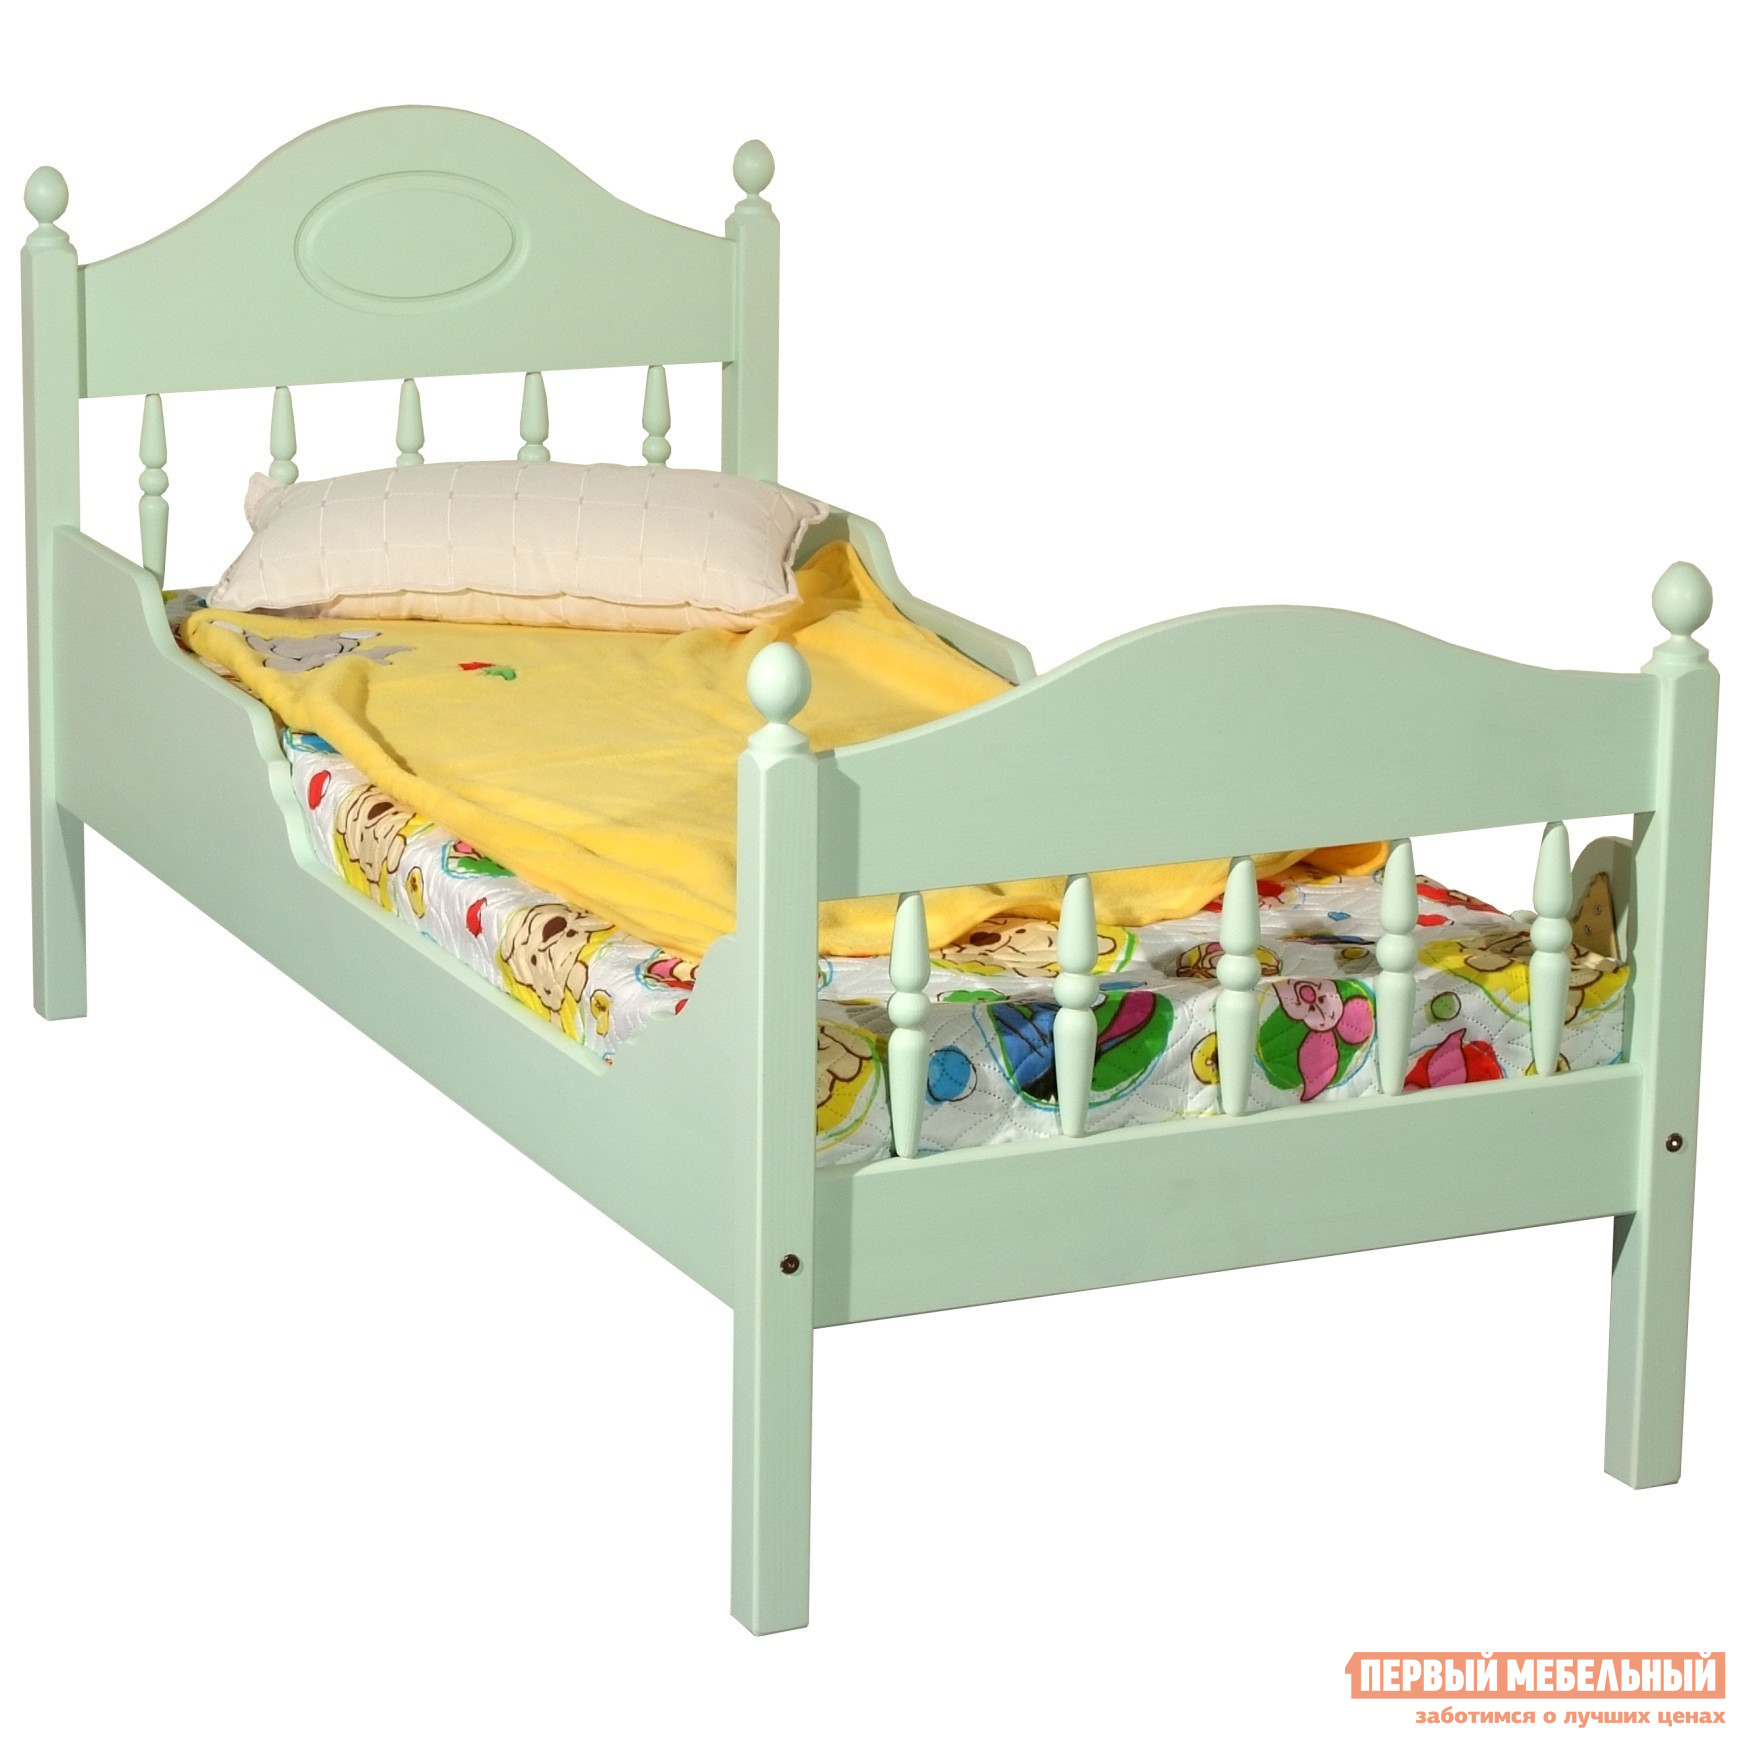 Детская кровать Timberica Фрея-2 Спальное место 900 Х 2000 мм, Эмаль салатовая, Без матраса 13926